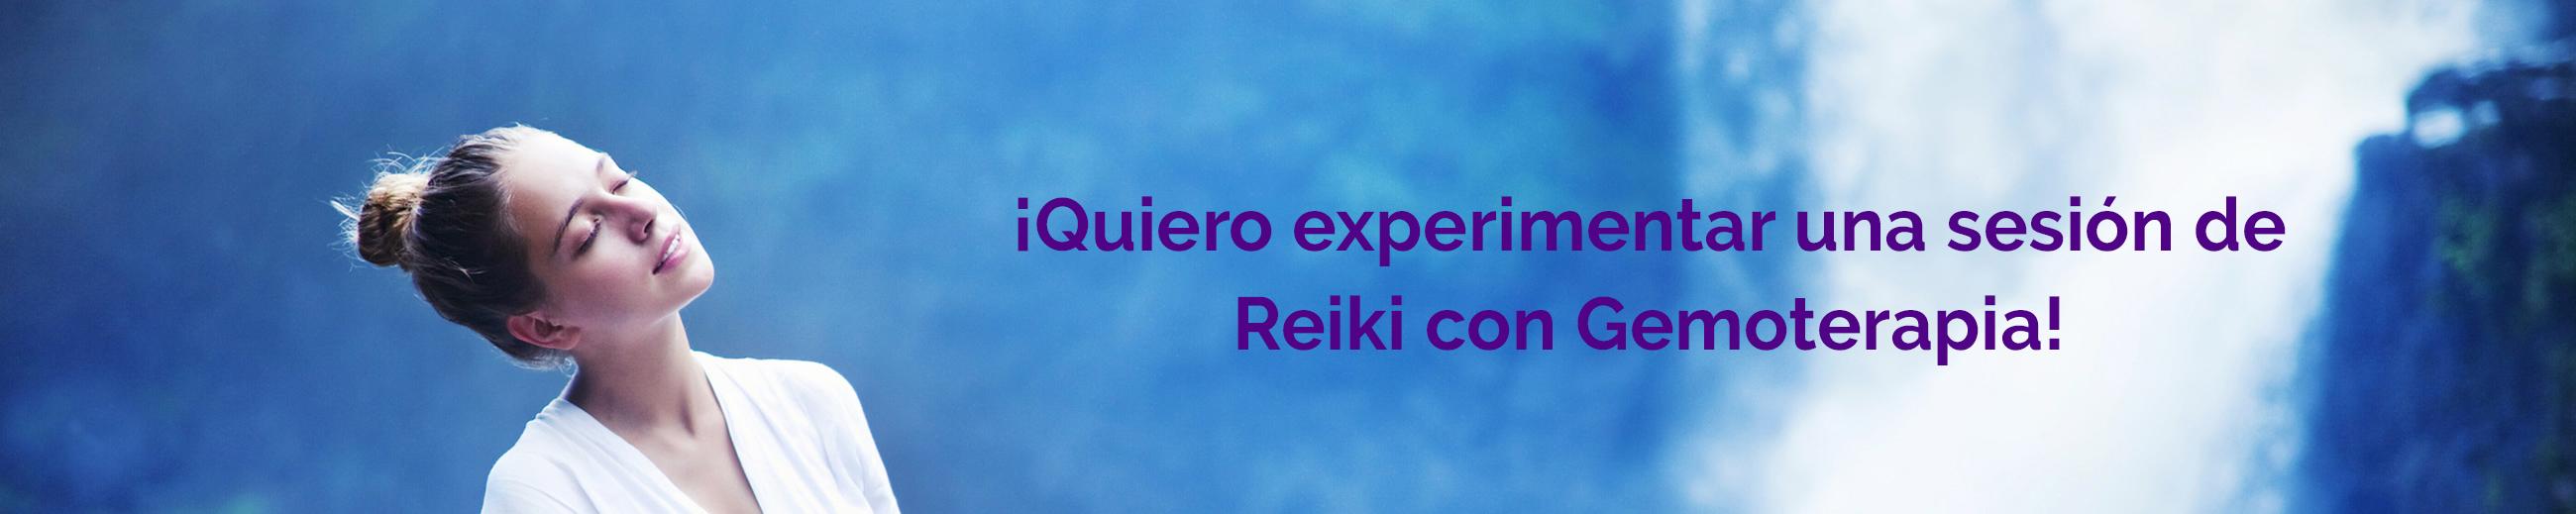 Reiki y Gemoterapia